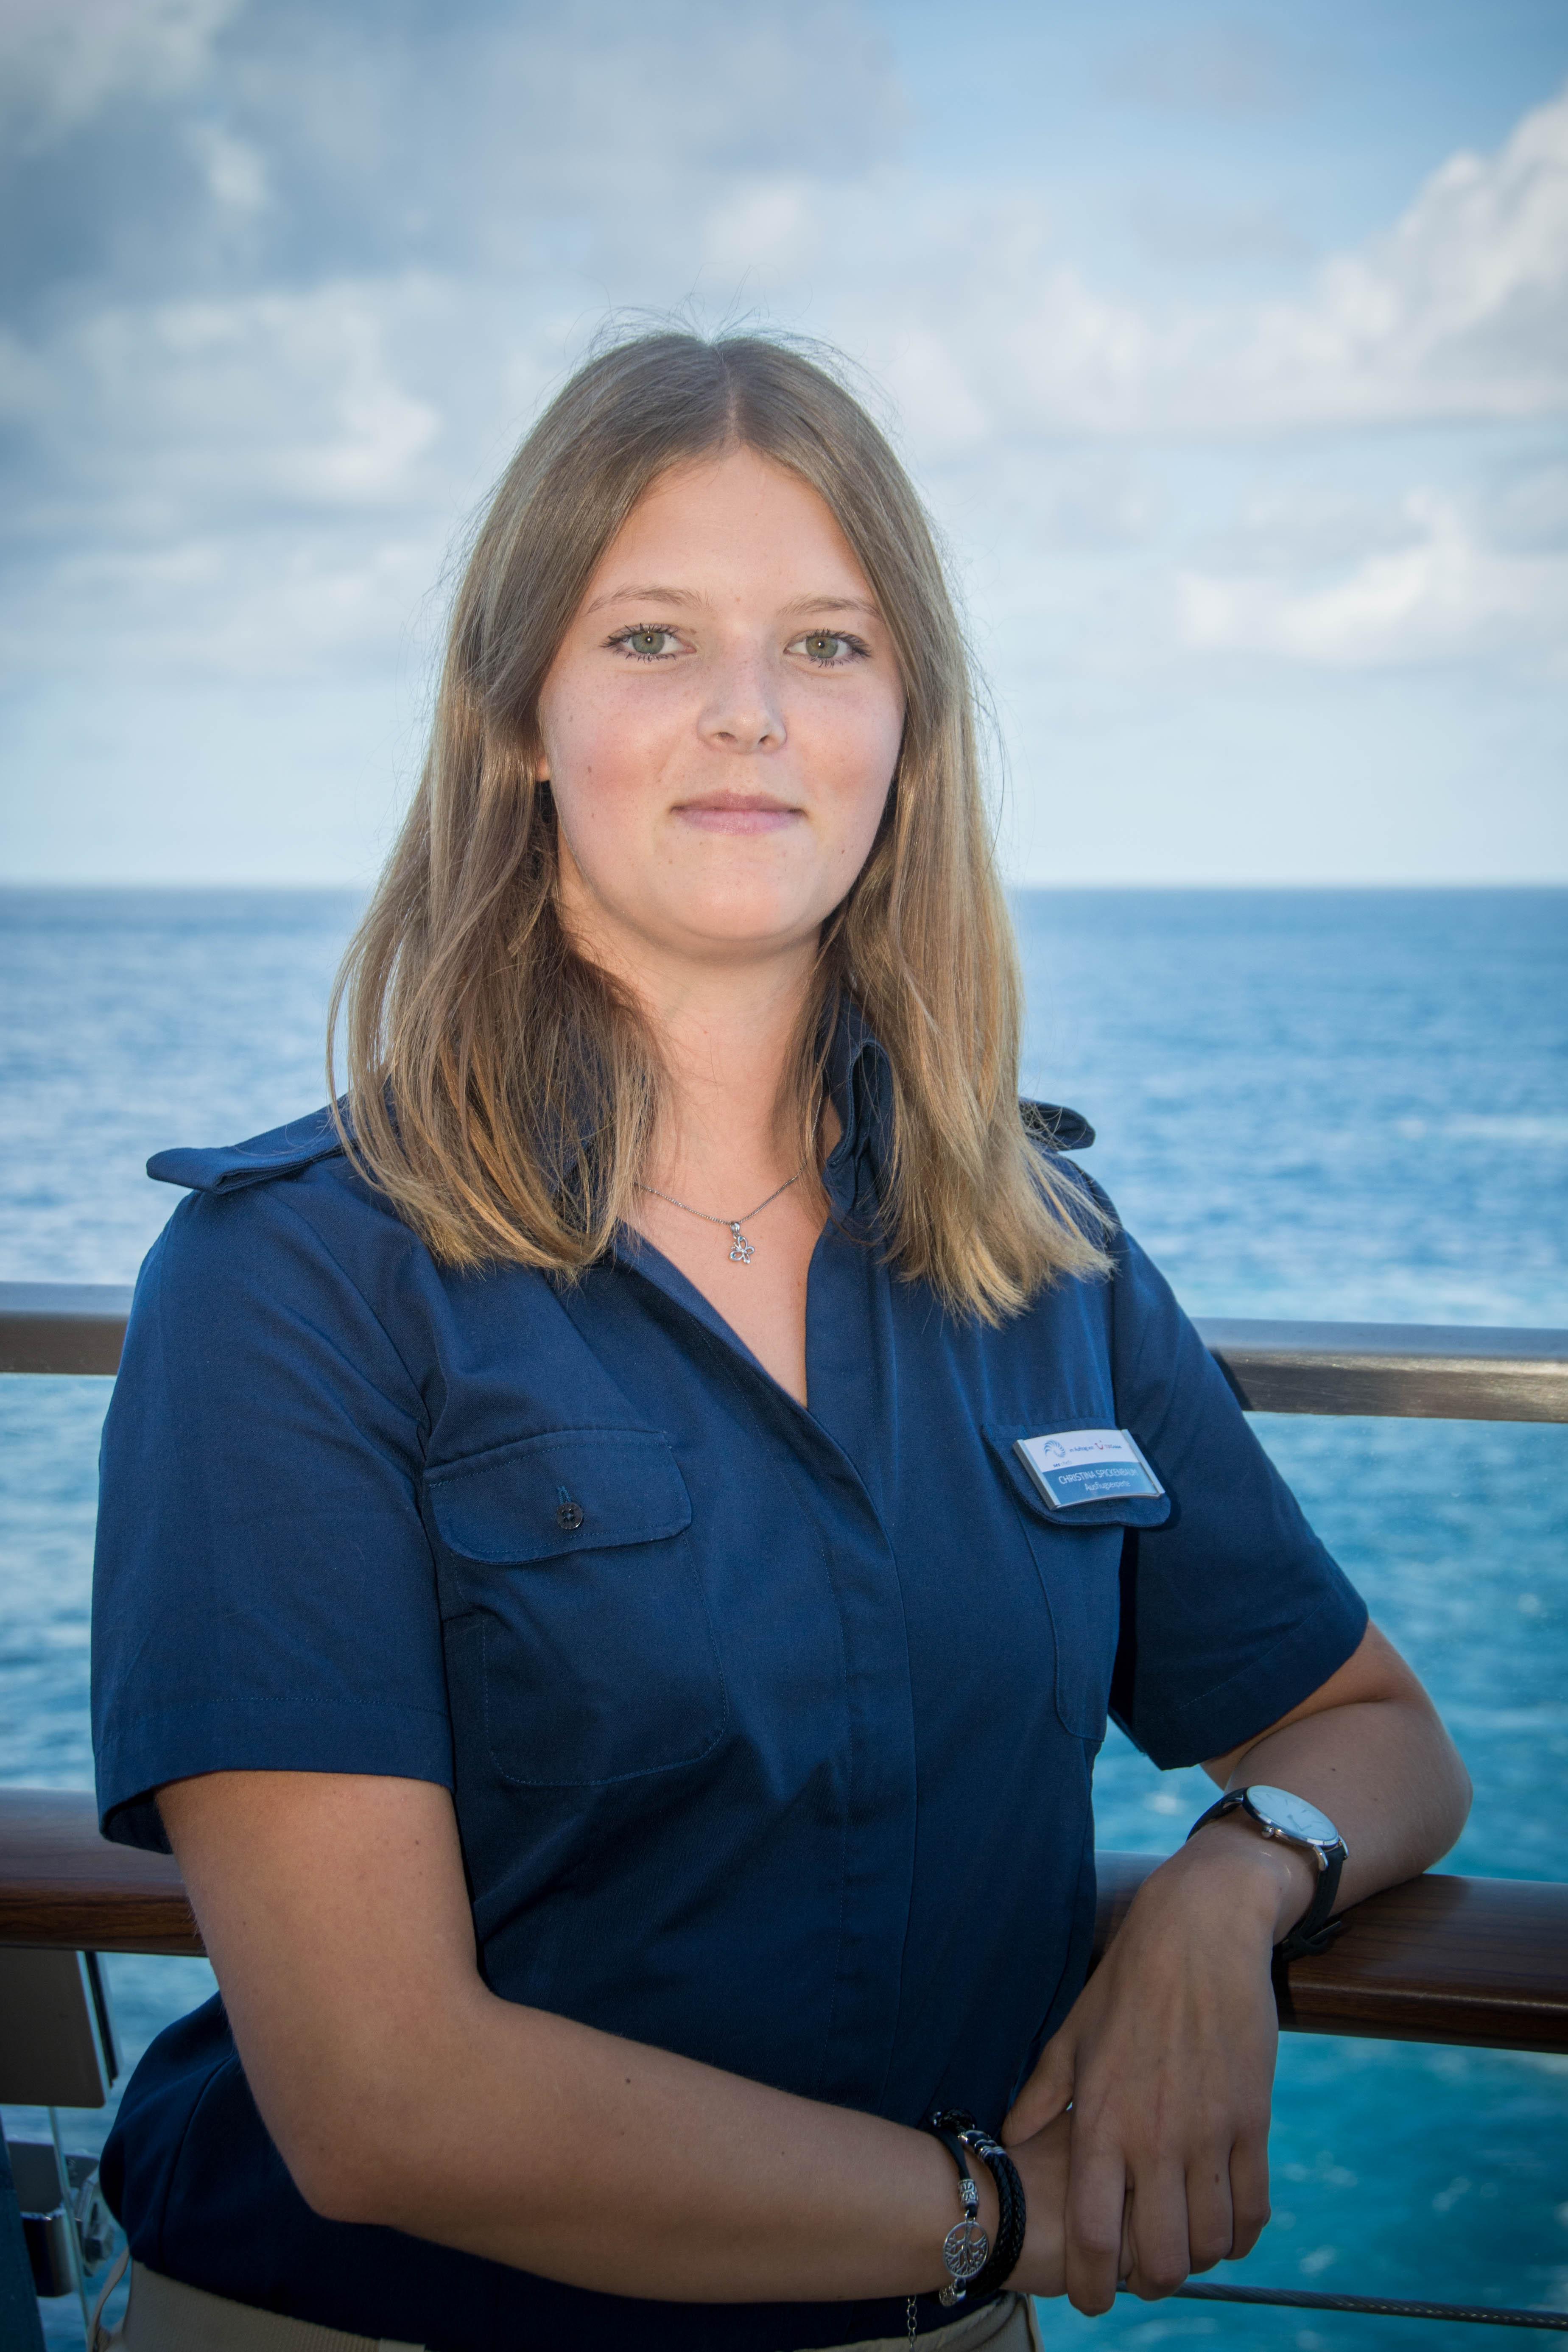 Mein Schiff Ausflugsexpertin Christina Spickenbaum